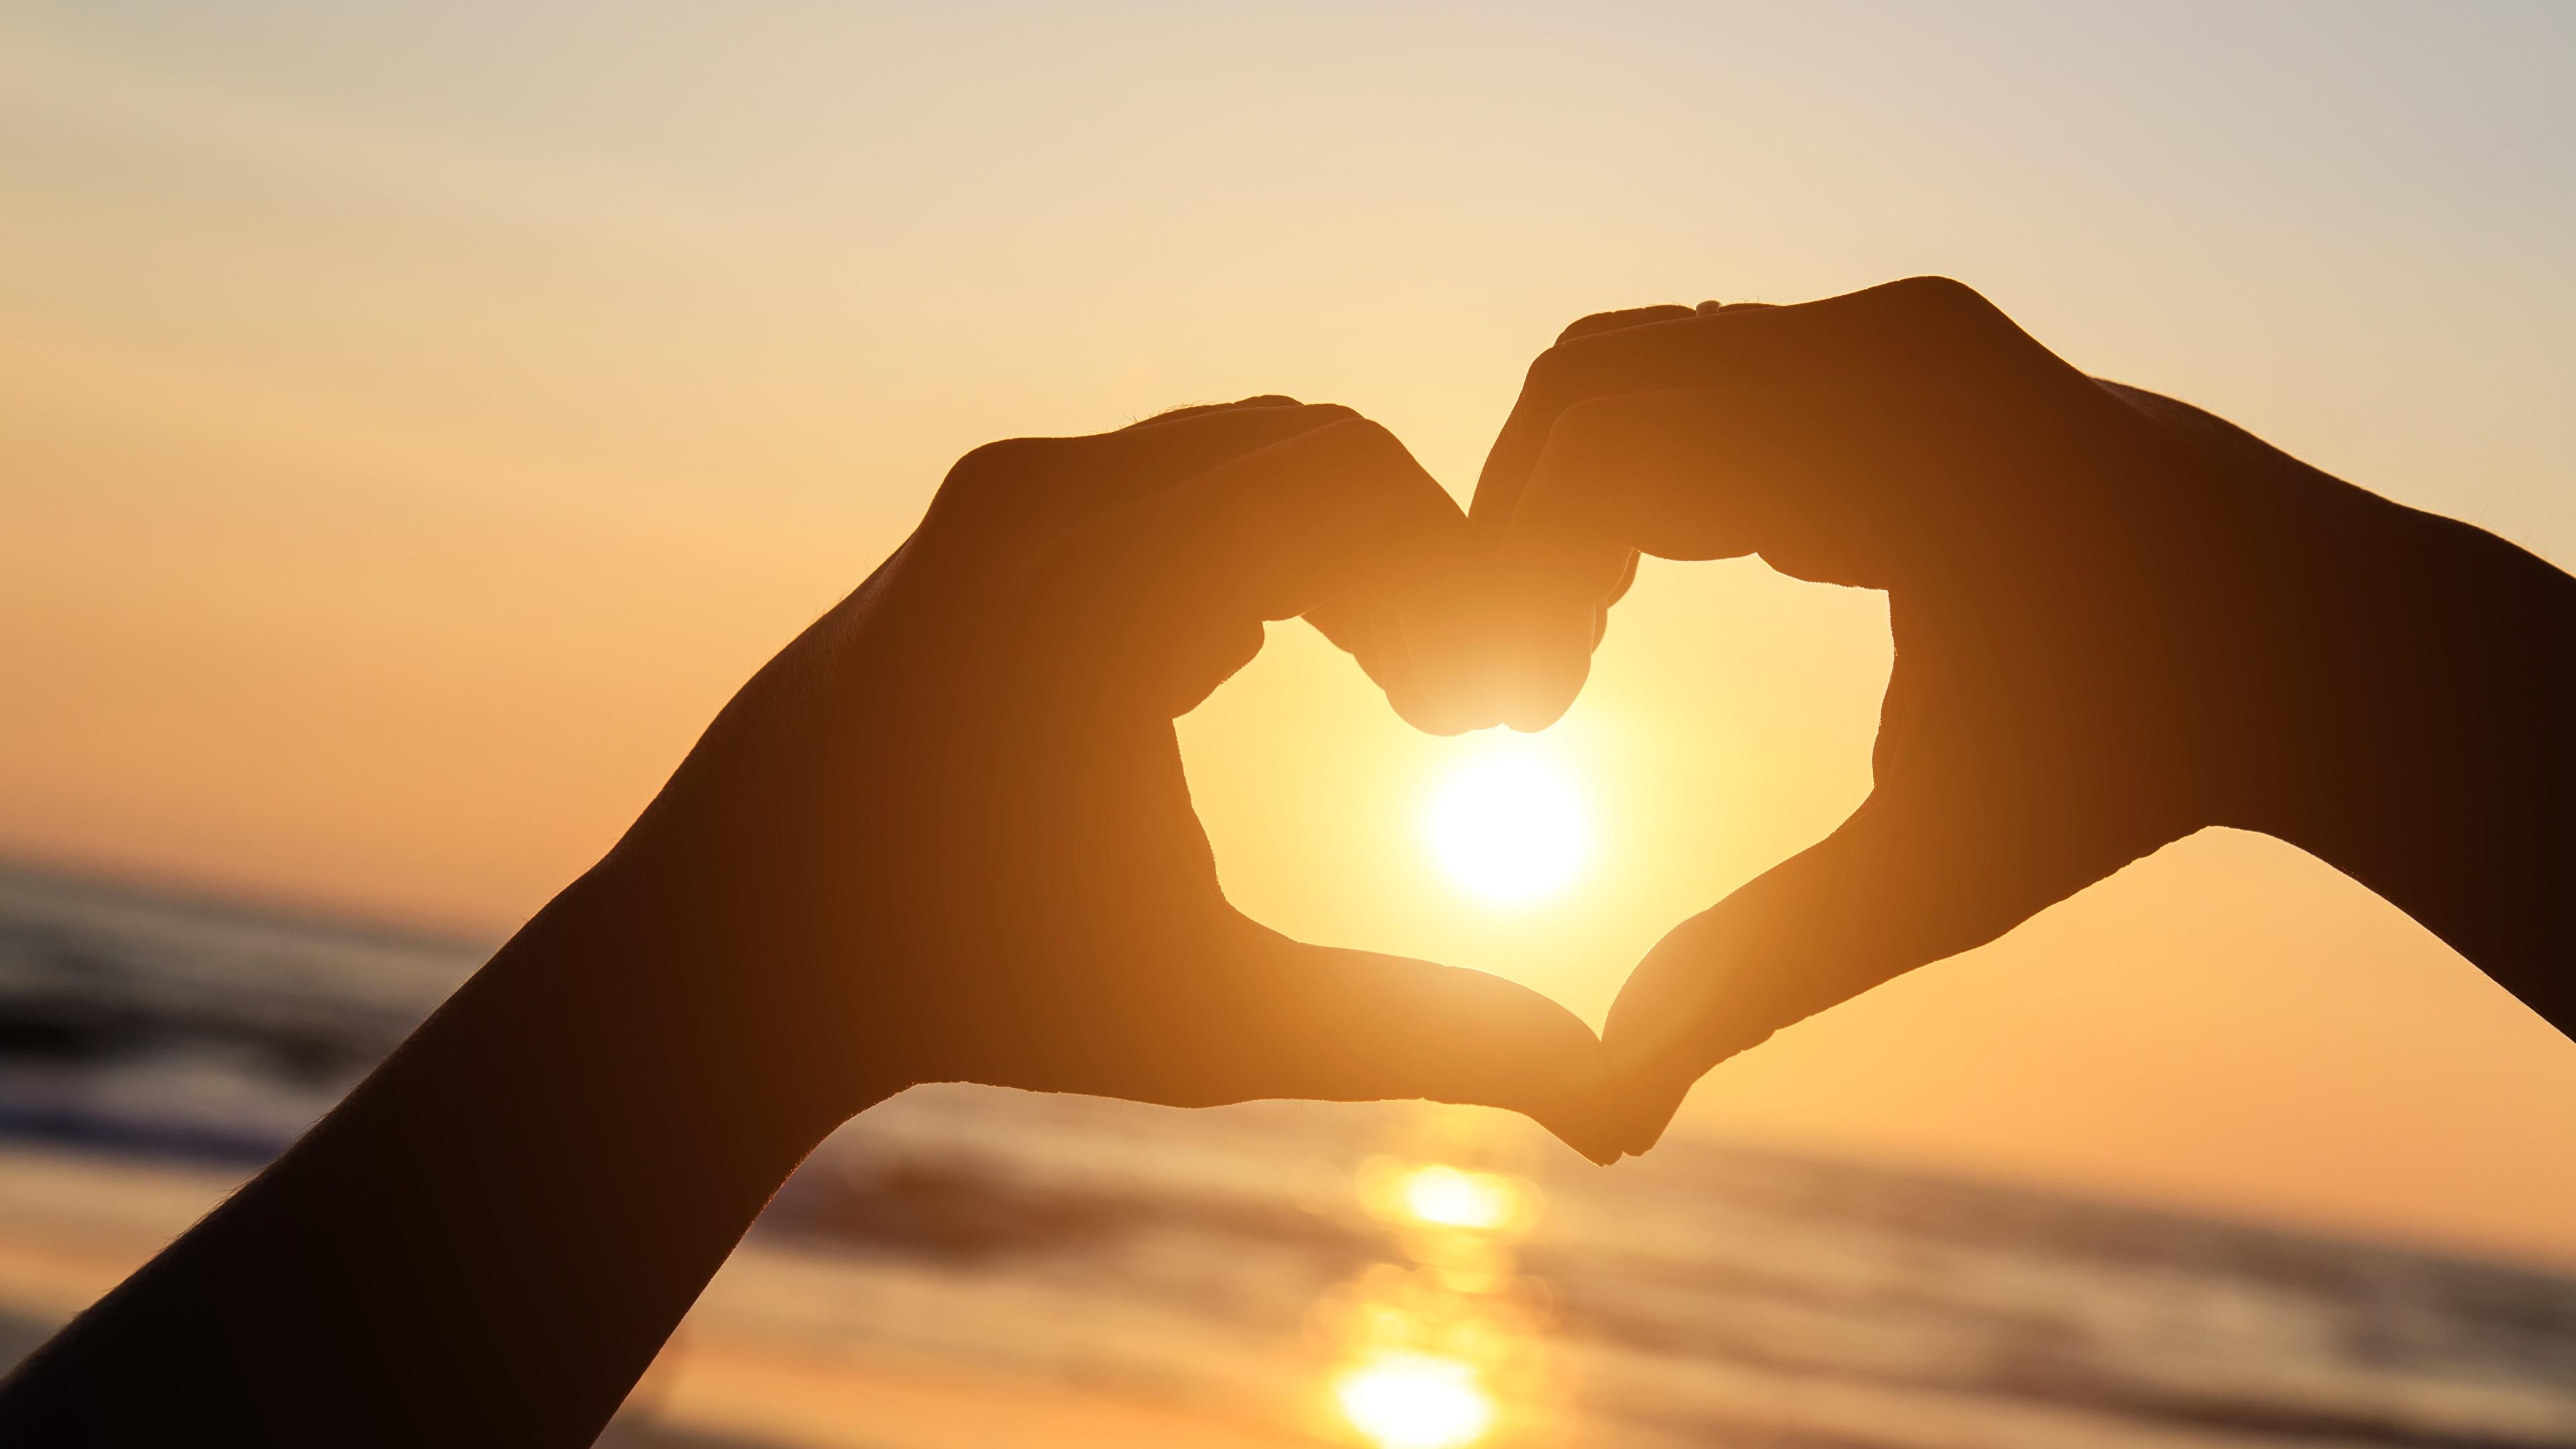 Фото сердца Силуэт Солнце Природа Руки 3840x2160 серце Сердце сердечко силуэты силуэта солнца рука